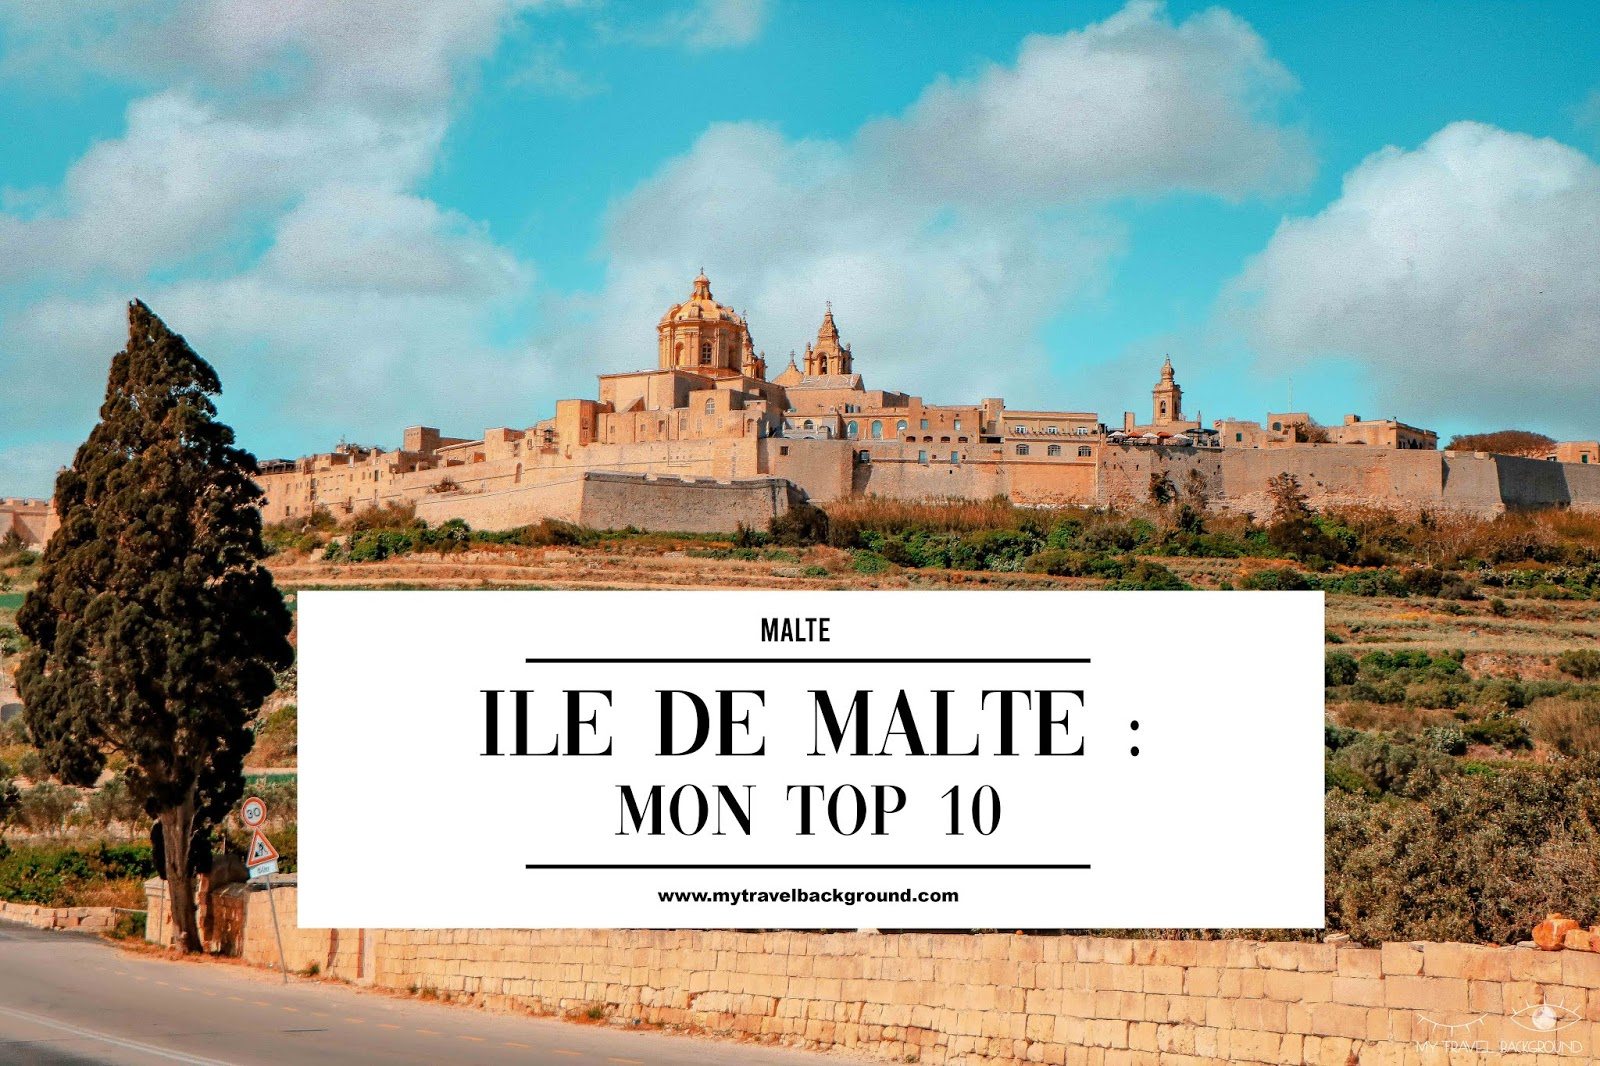 My Travel Background : les incontournables de Malte, Île de Malte (partie 1)